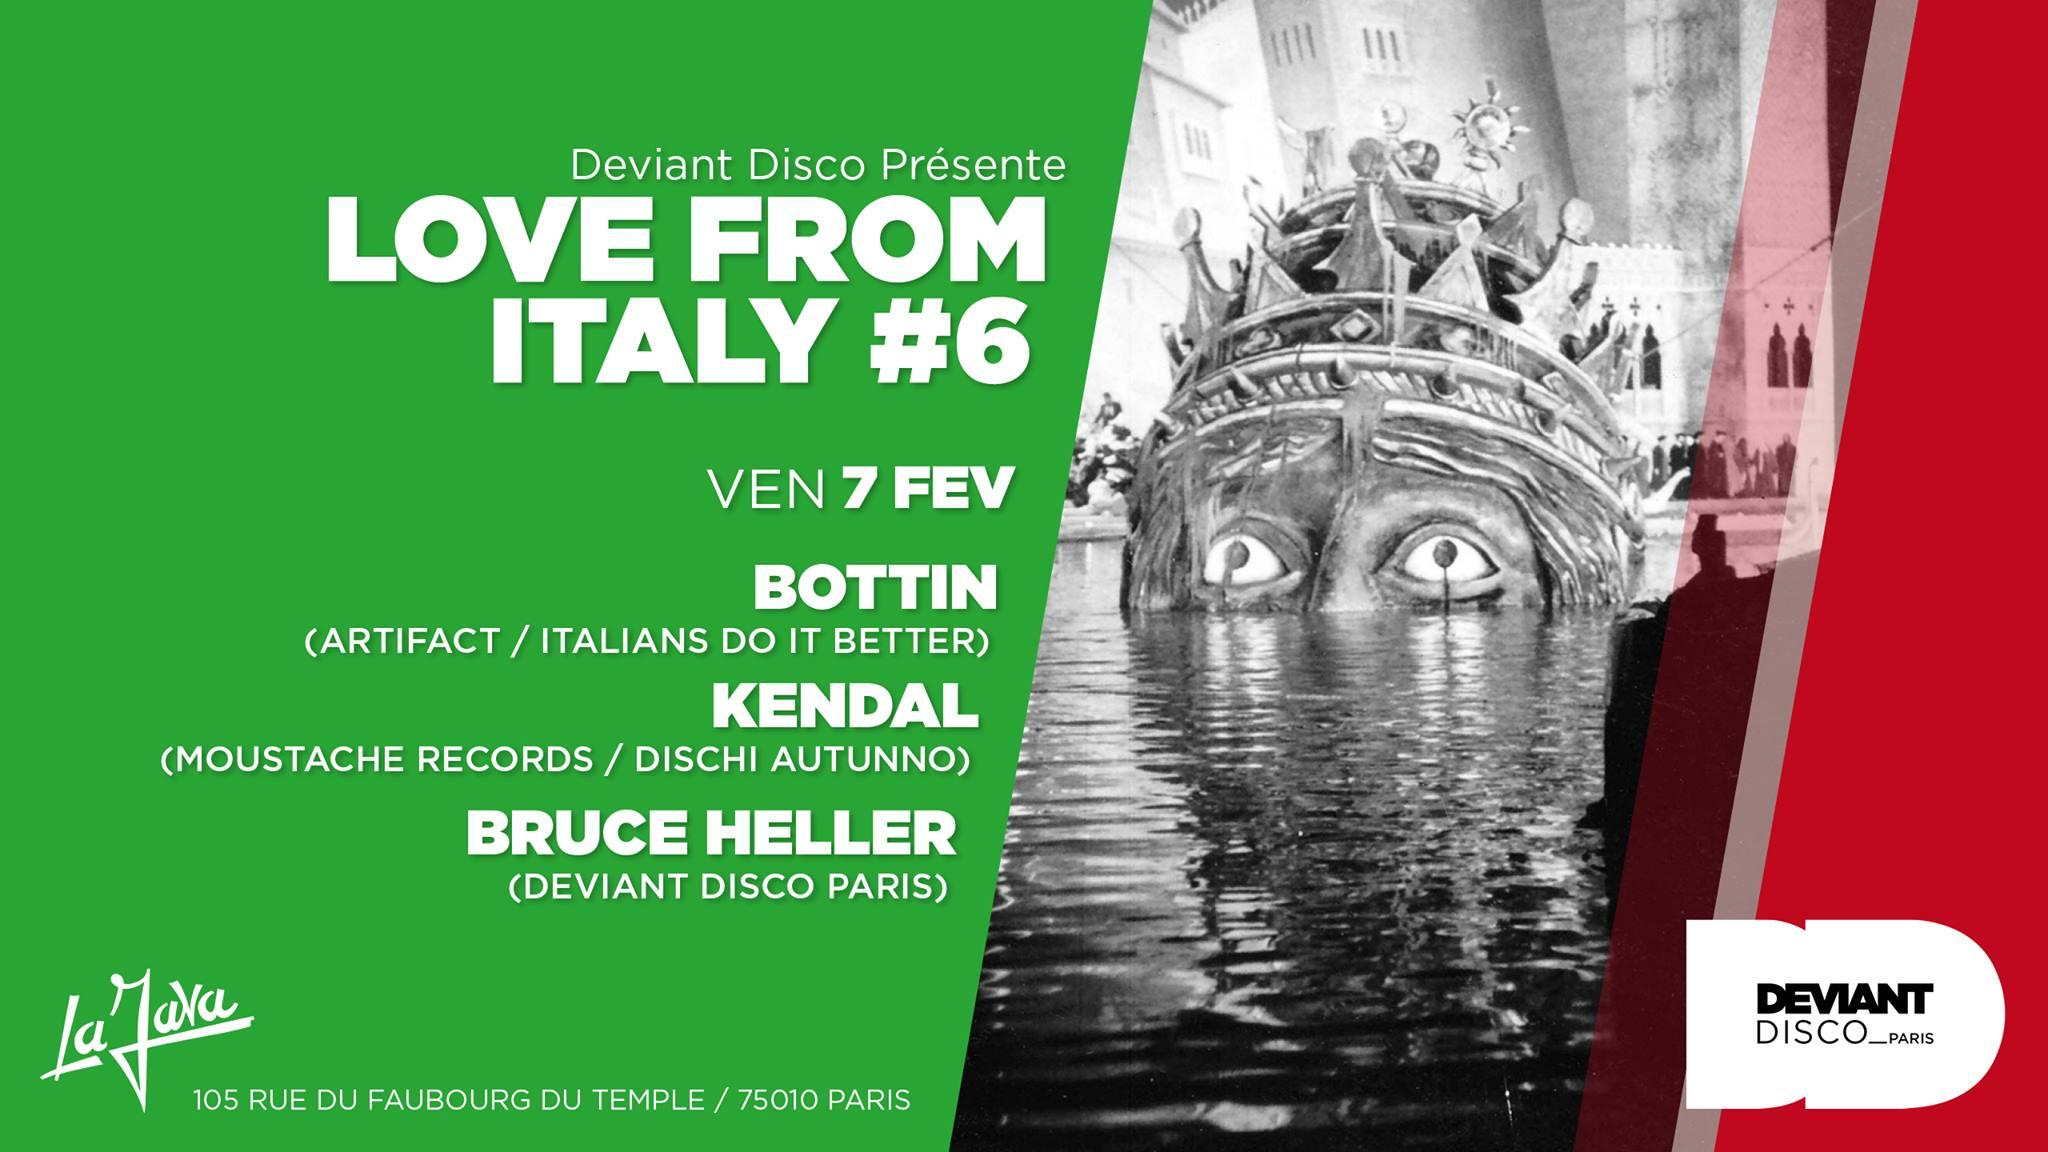 Love from Italy #6 / Bottin / Kendal / Bruce Heller